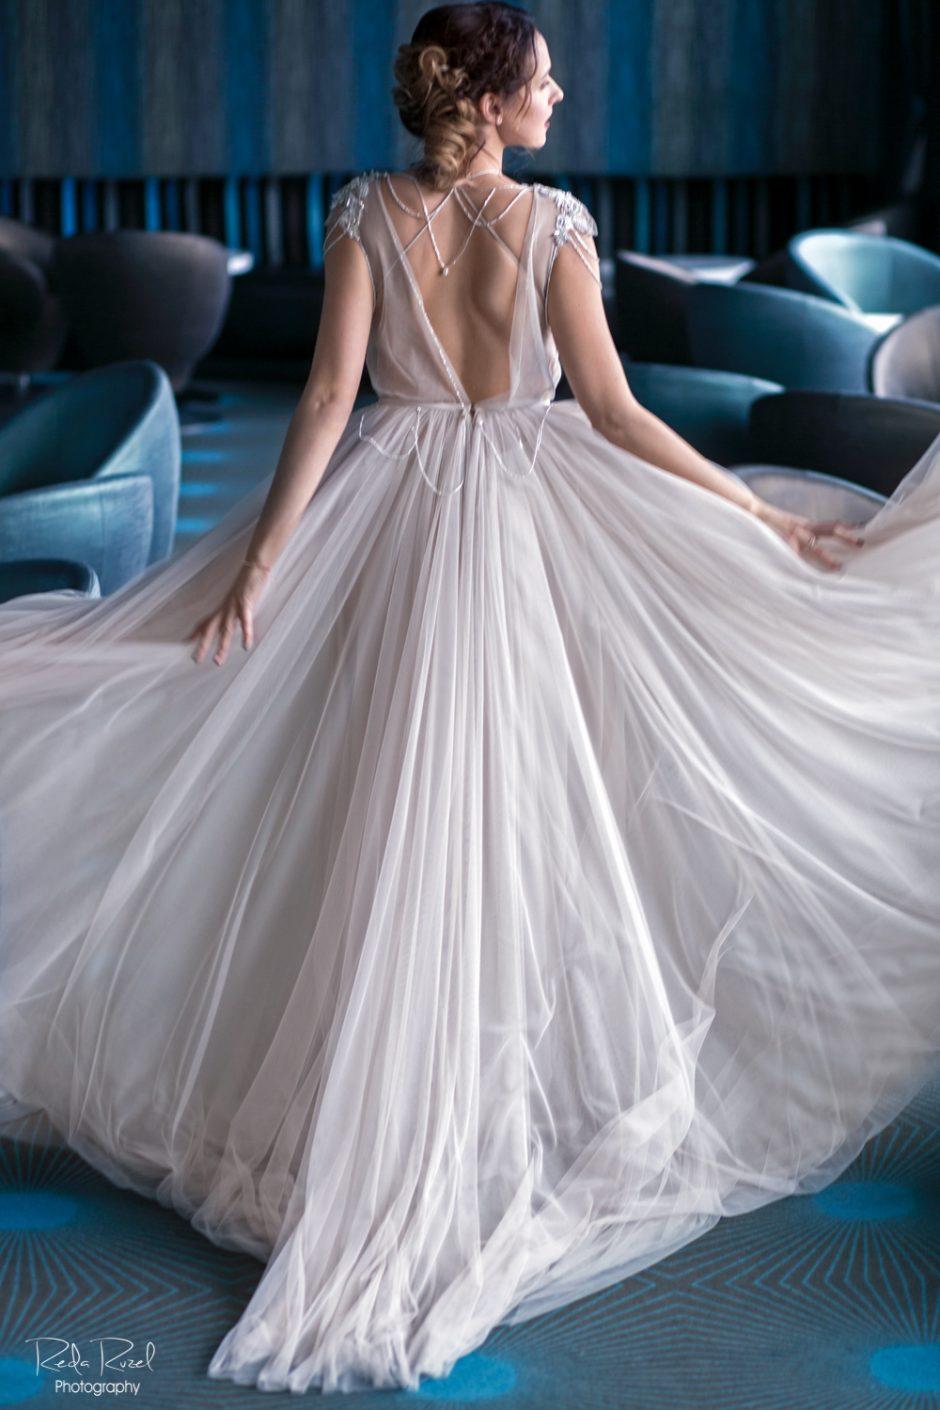 Vestuvinę suknelę pasimatavusi V. Šaulytė dalija patarimus būsimoms nuotakoms